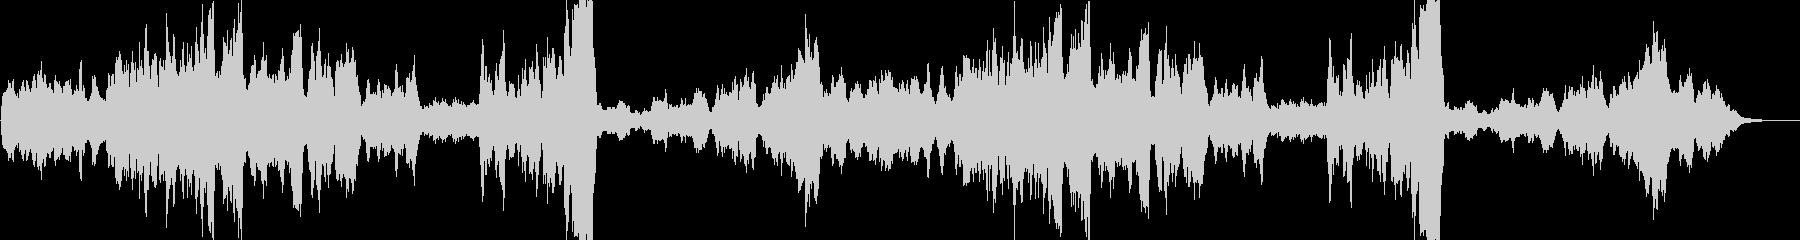 ほのぼのした雰囲気のオーケストラの未再生の波形